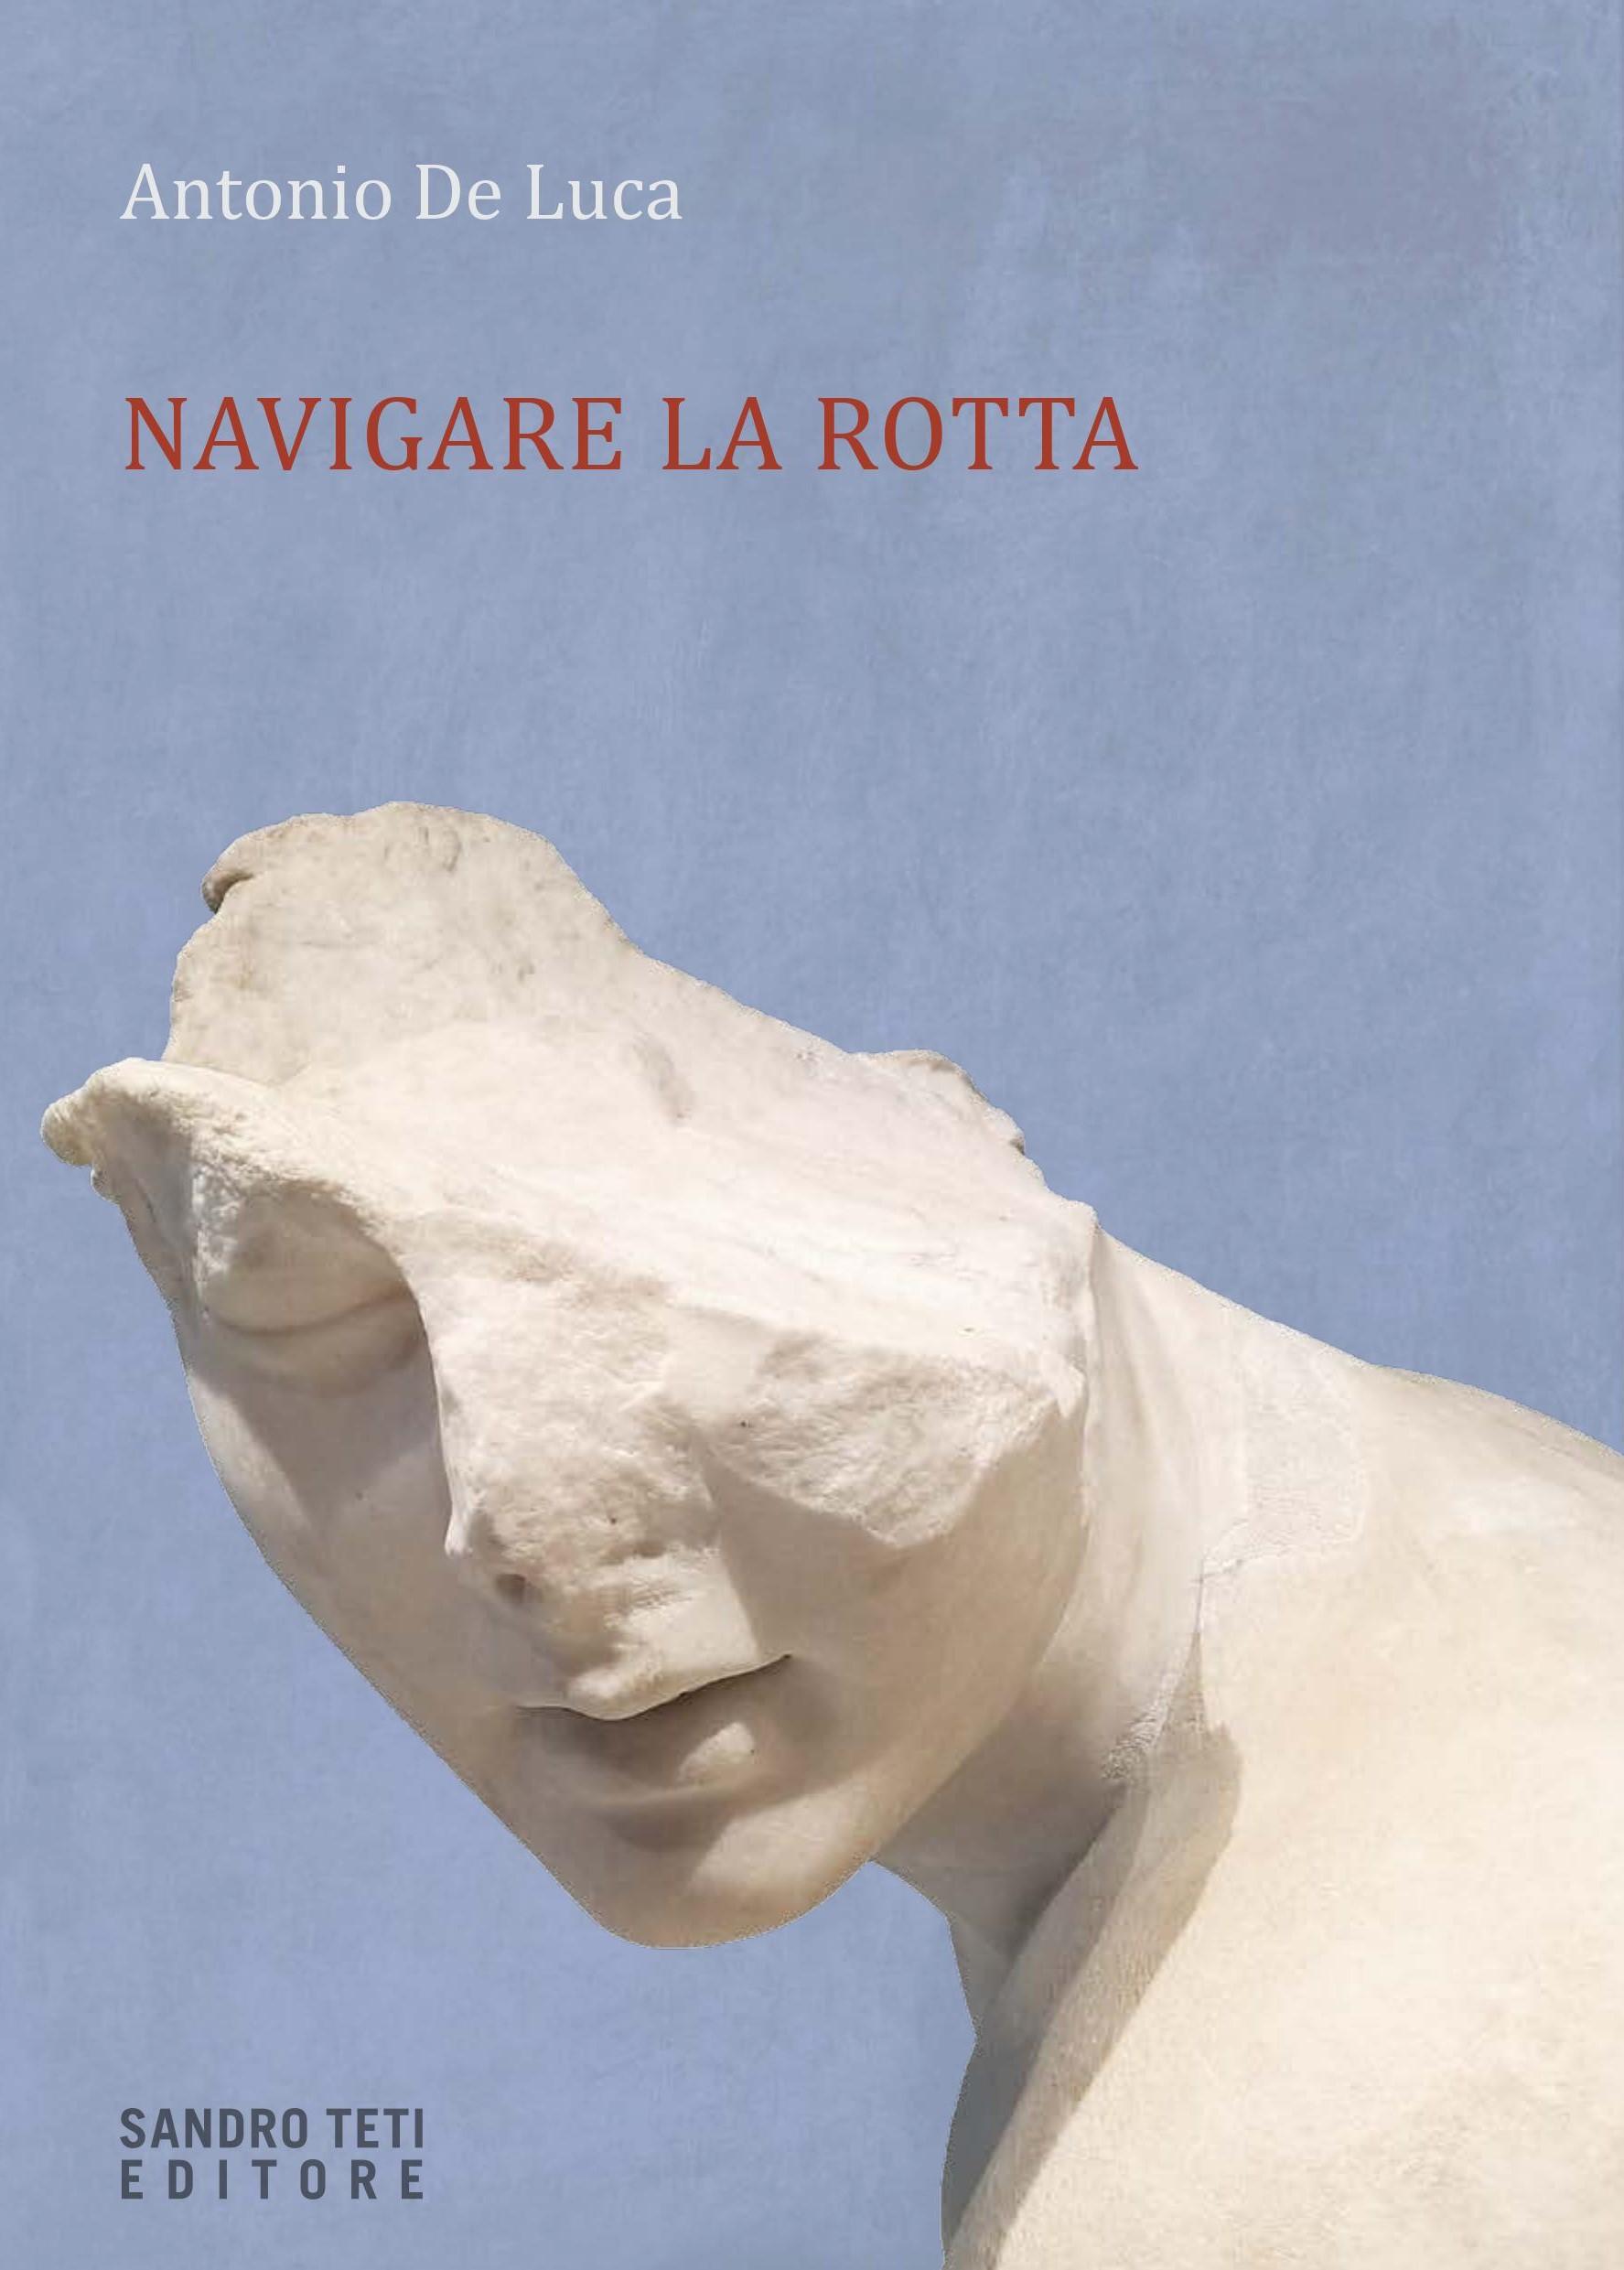 Antonio De LucaNavigare la rotta